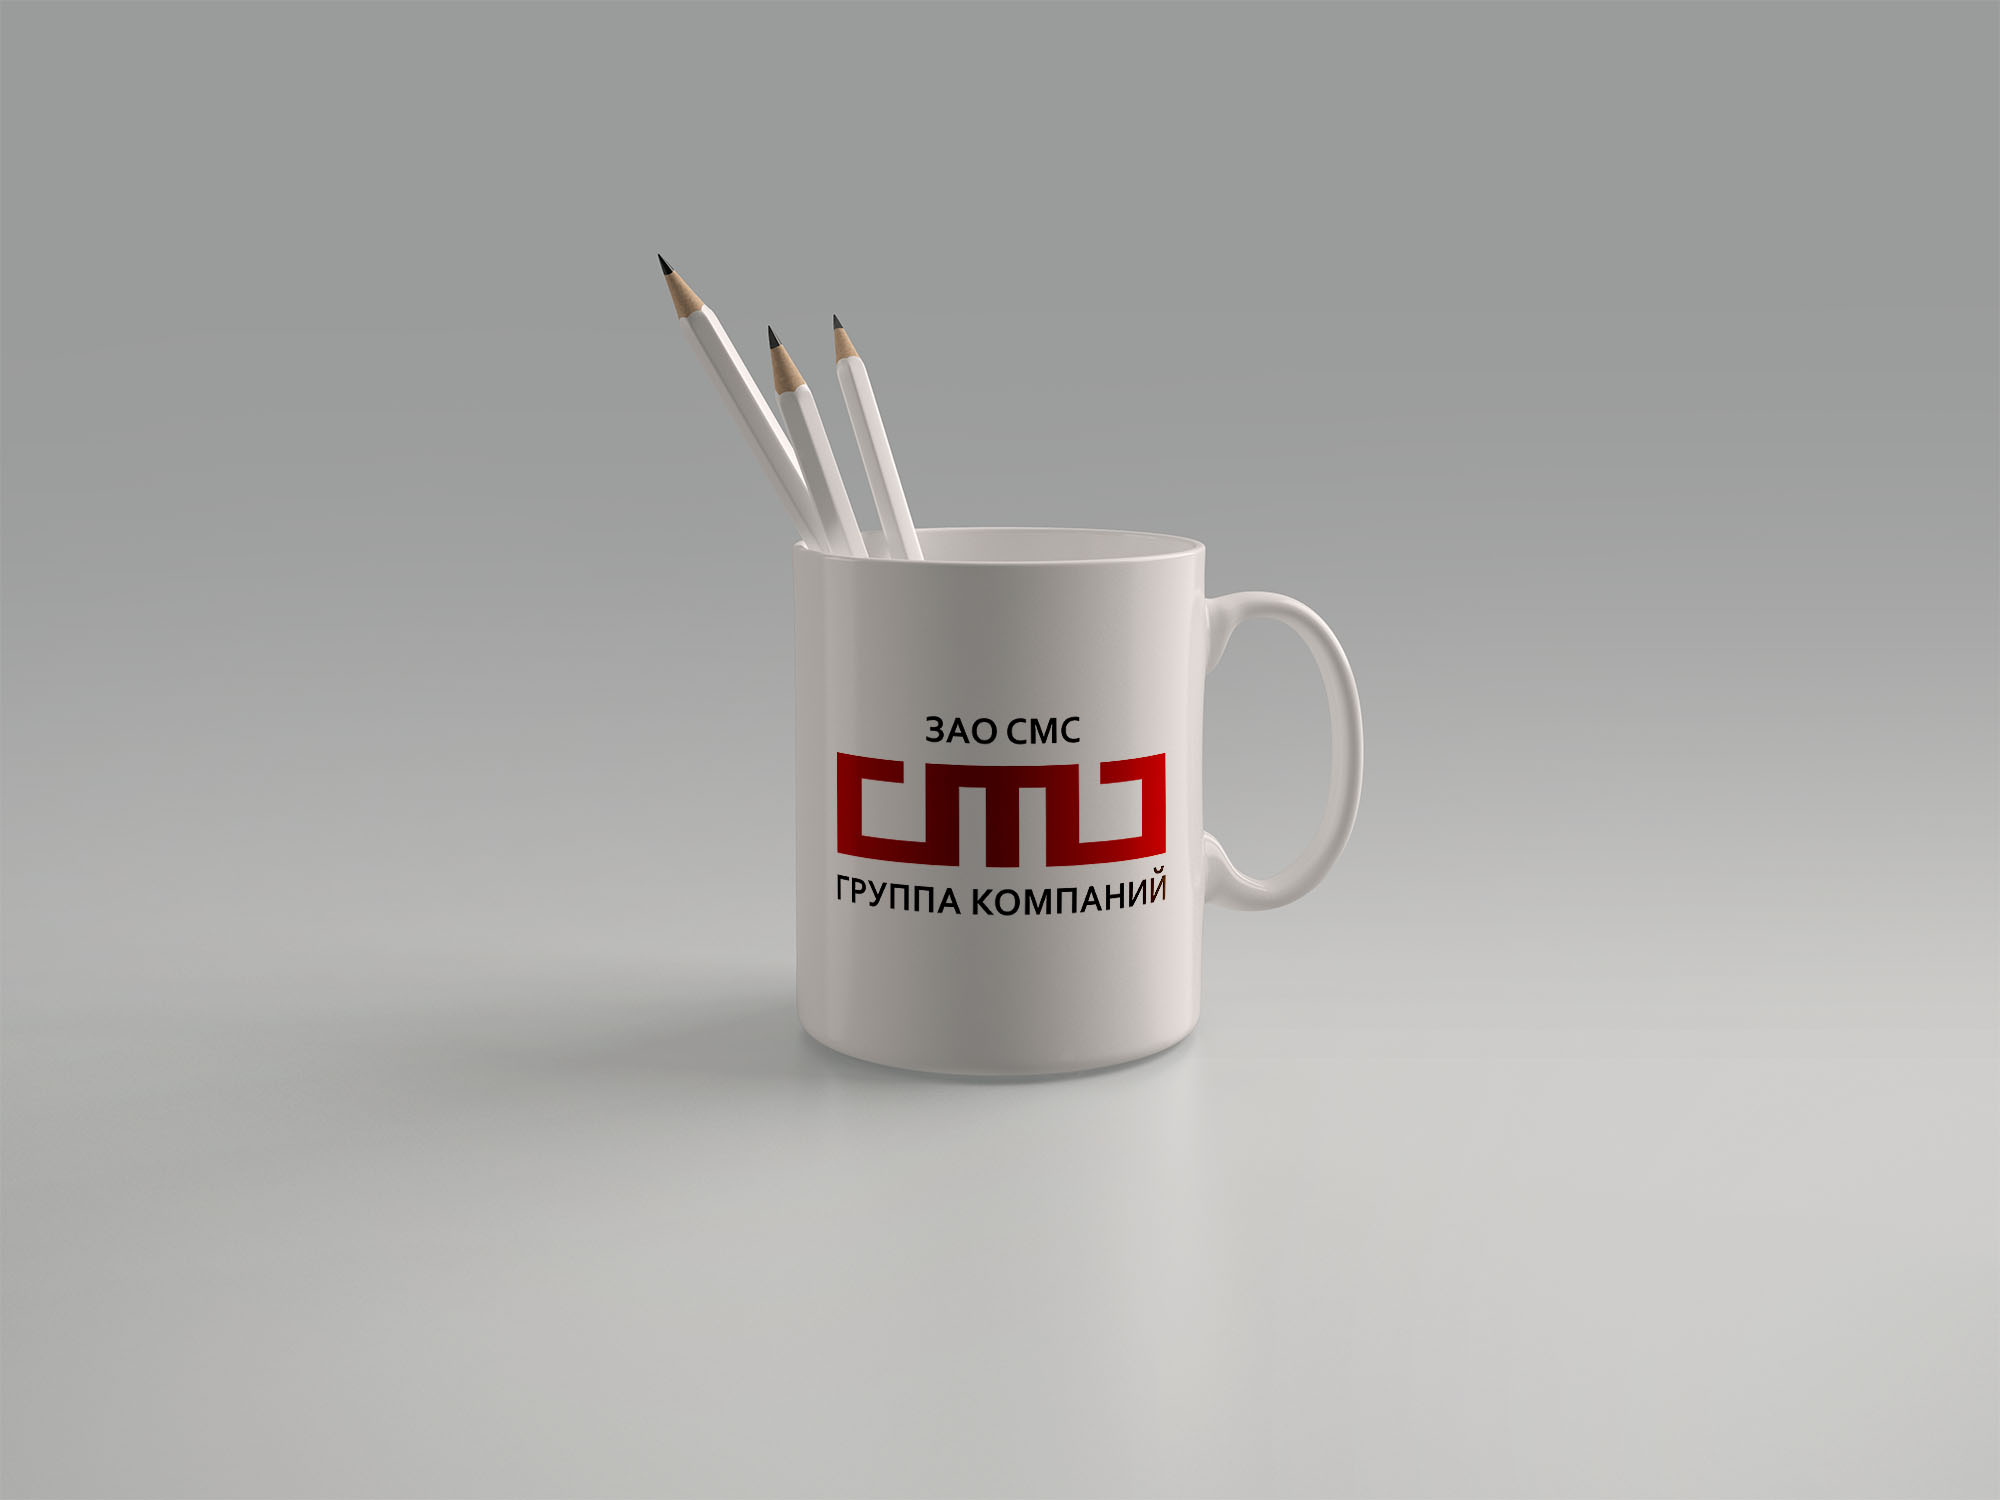 Дизайнер для разработки Логотипа для организации !СРОЧНО! фото f_4465a2673ba93234.jpg